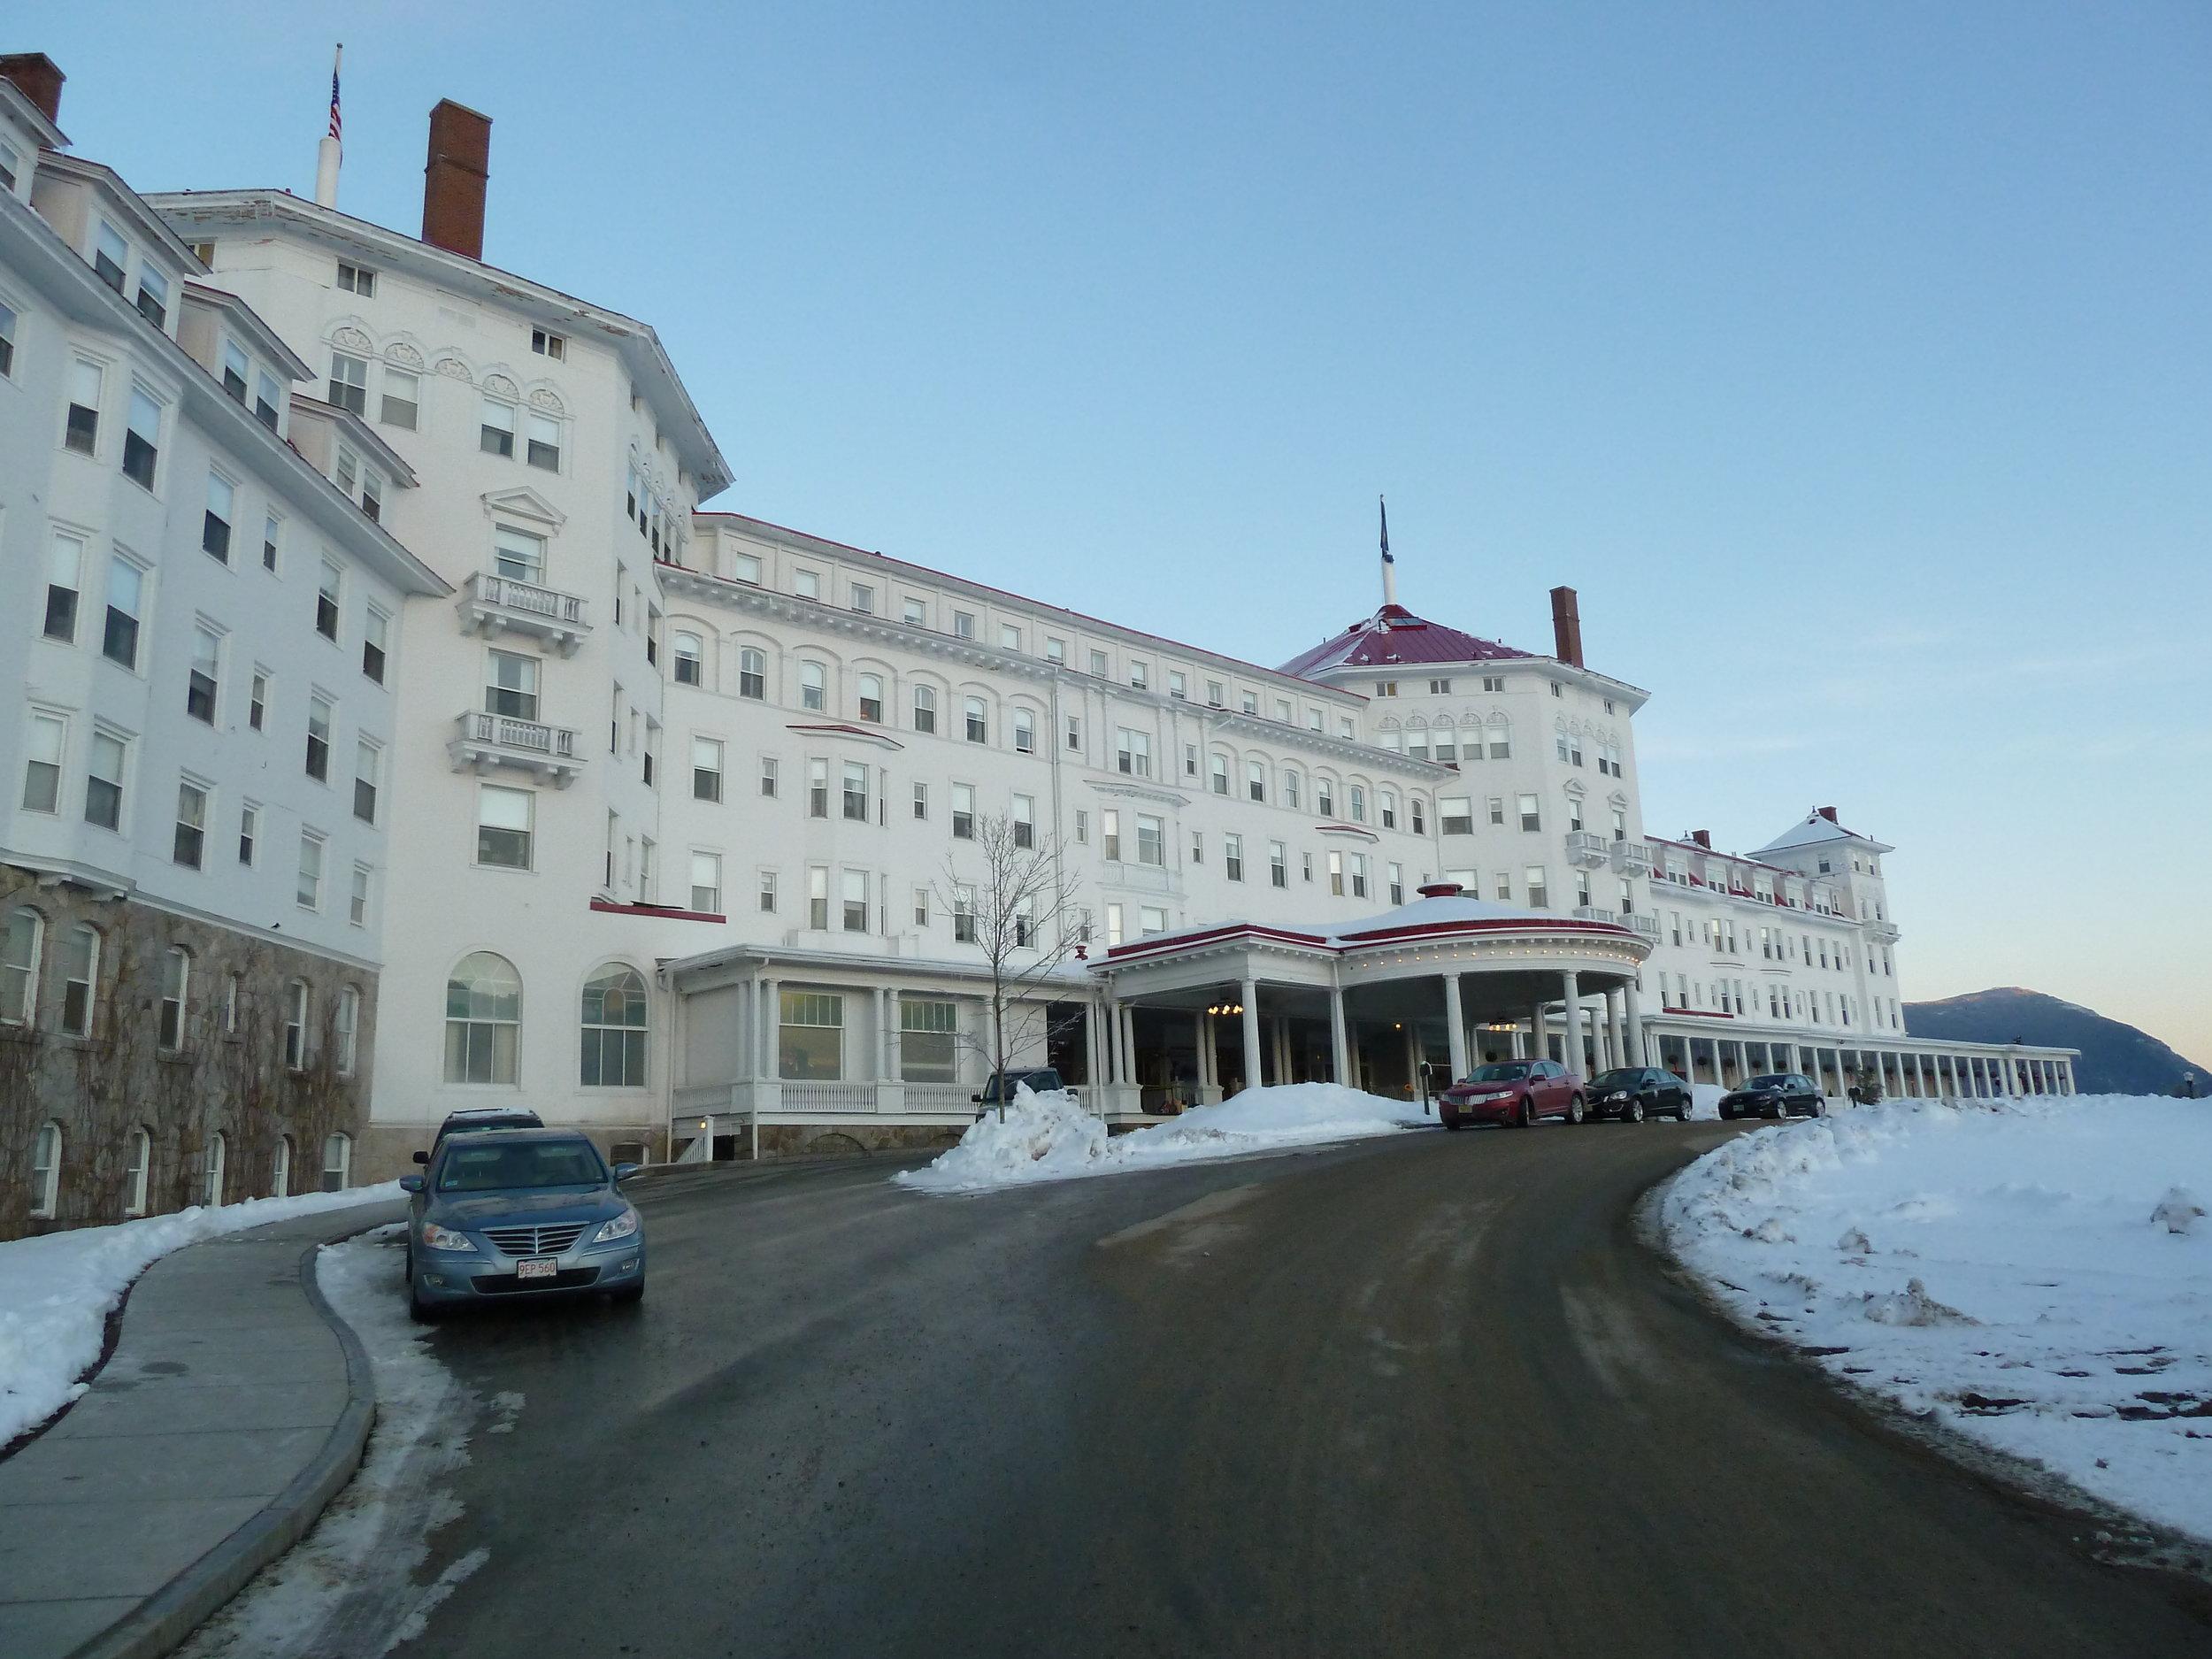 Hotels_MountWashington1.JPG